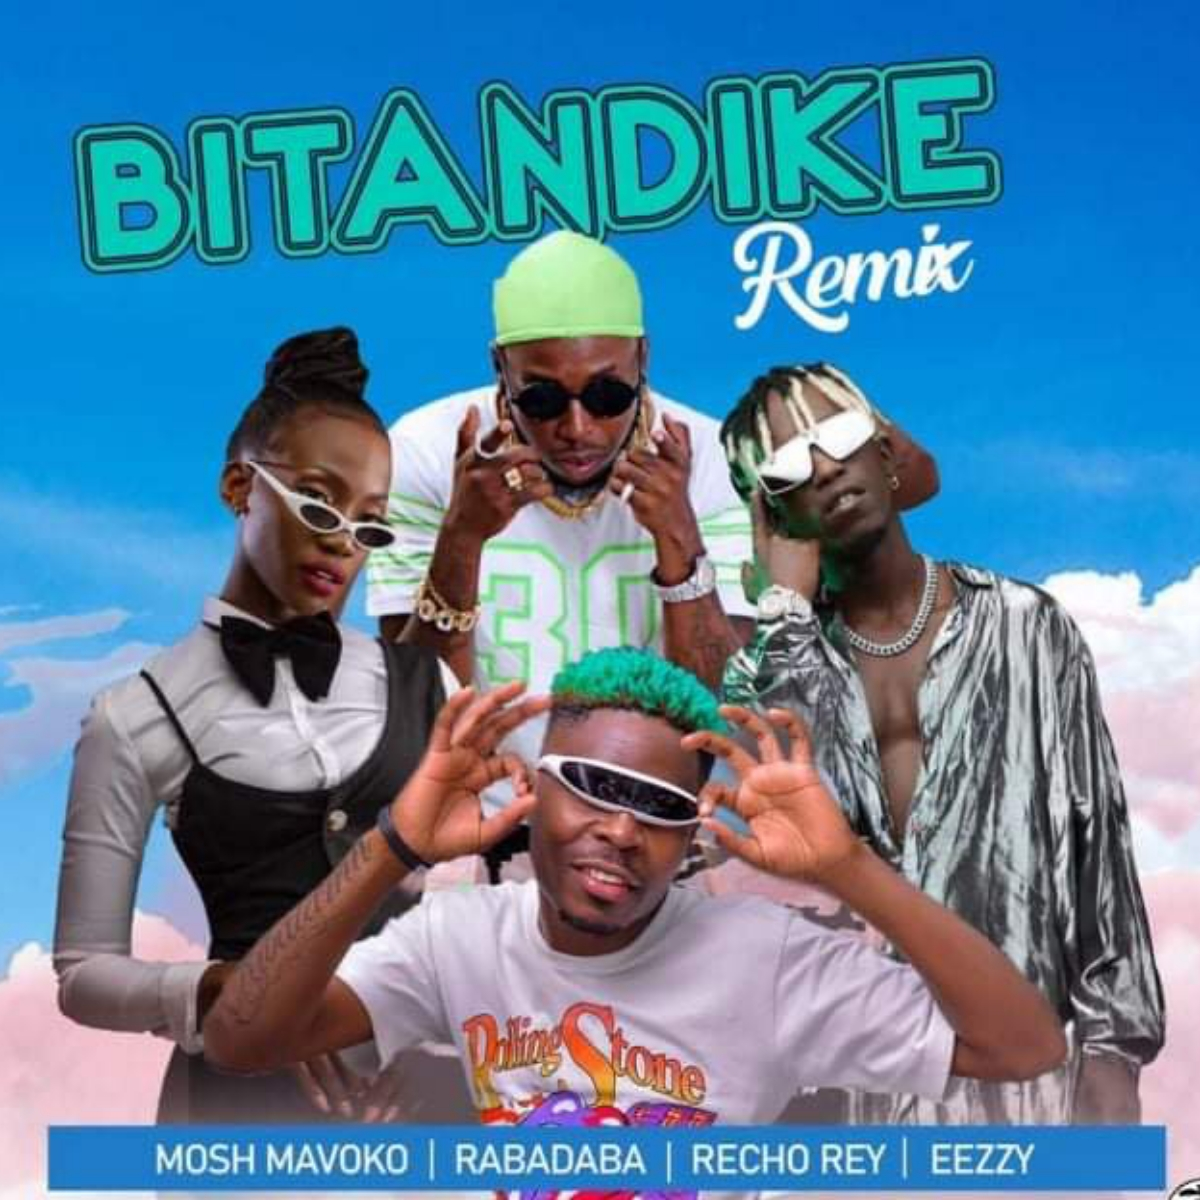 Bitandike